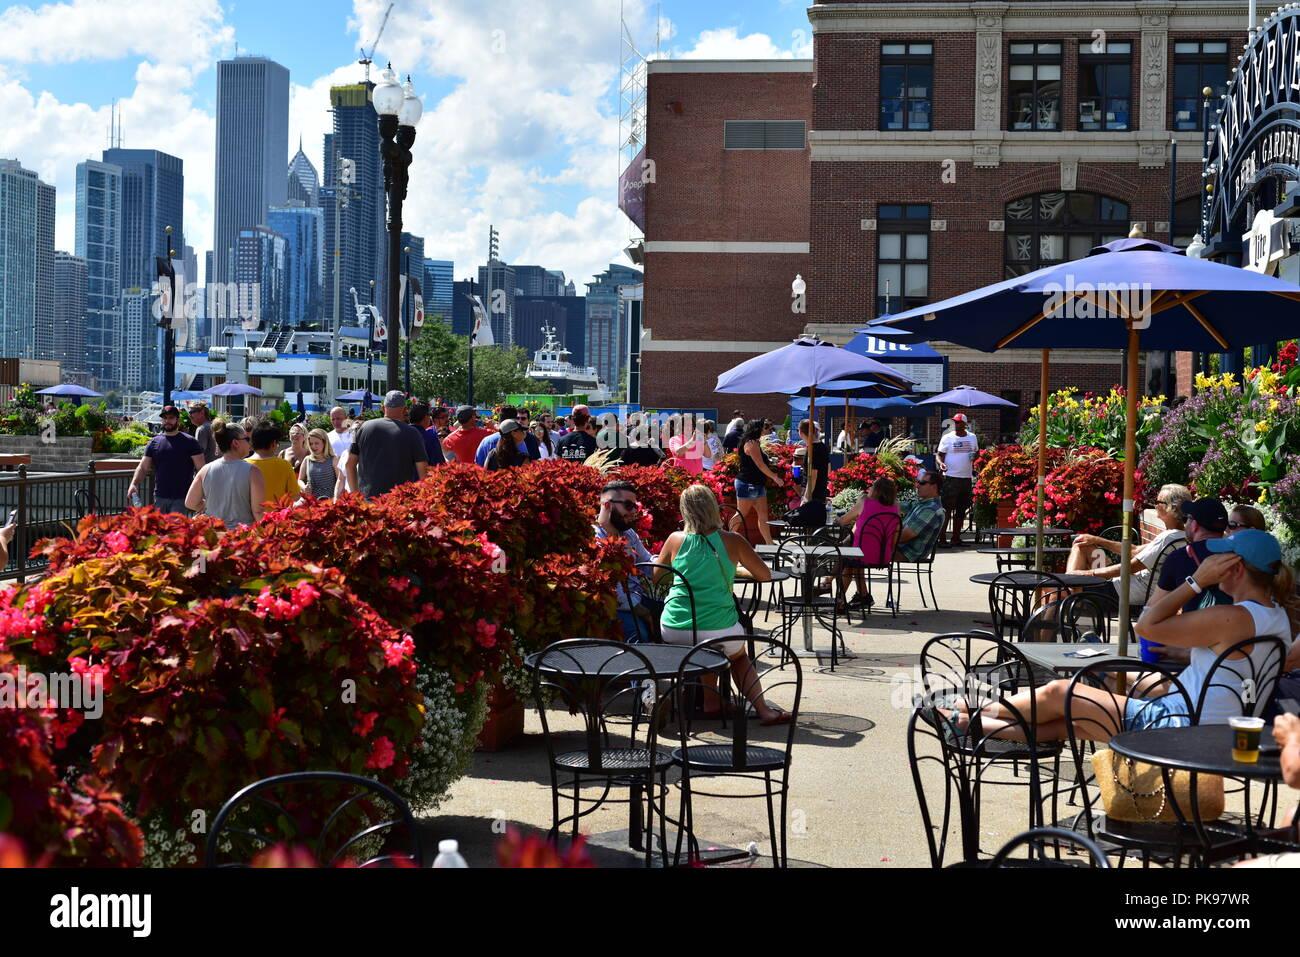 Menschen entspannen am Navy Pier, mit dem Blick auf die Innenstadt von Chicago im Hintergrund Stockfoto